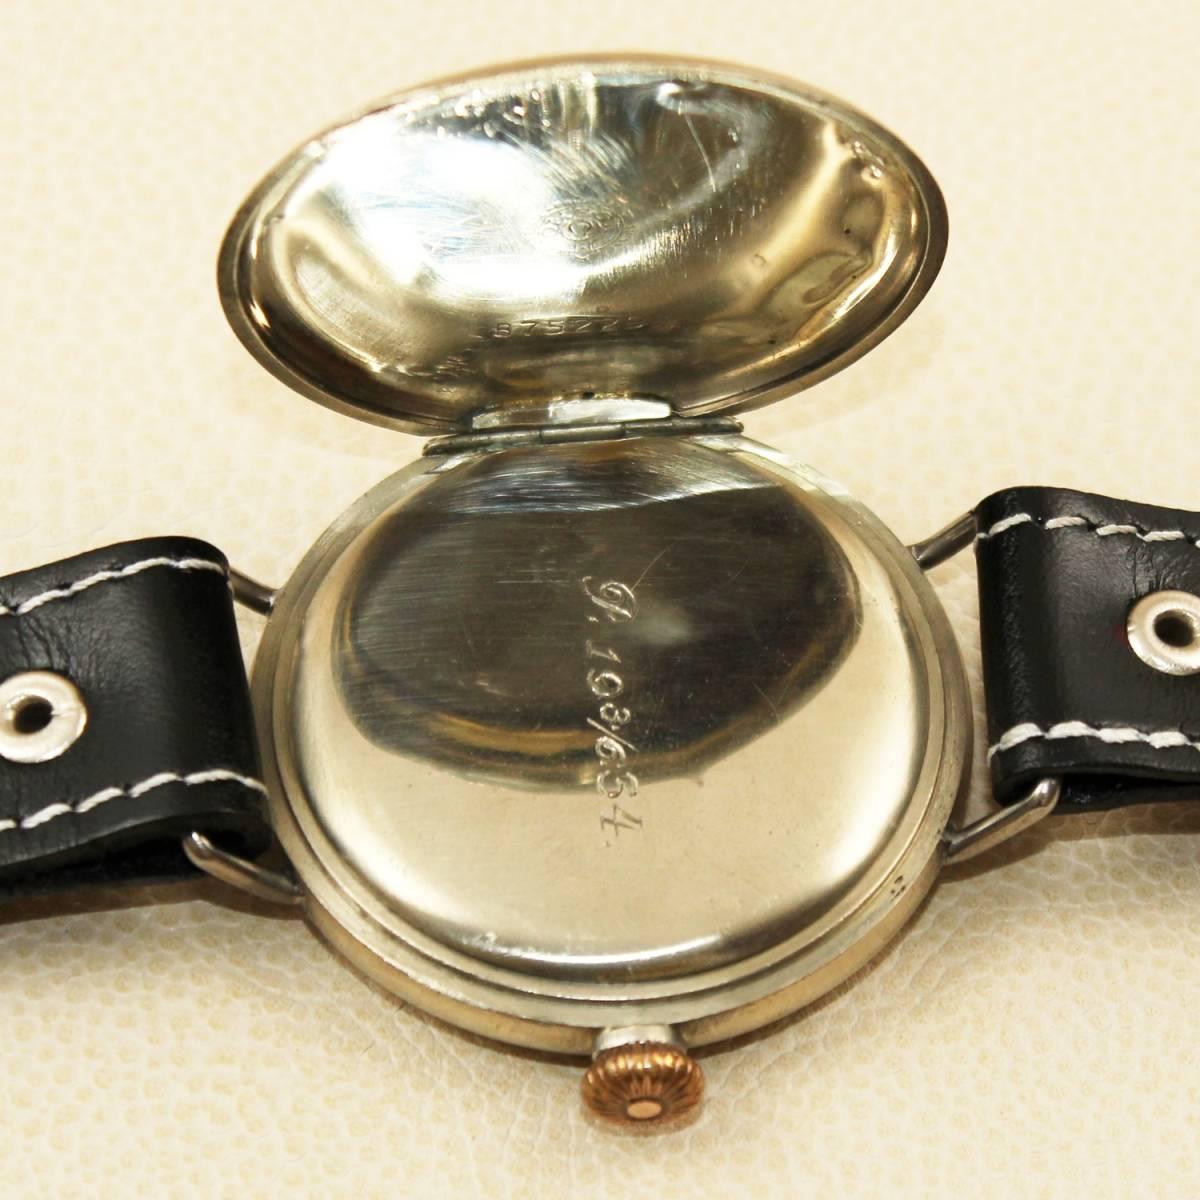 1円スタート【オメガ】OMEGAミリタリー WAFFEN ELITE M-B アンティーク手巻きメンズ腕時計 1930年代ヴィンテージ 懐中時計コンバート_画像9